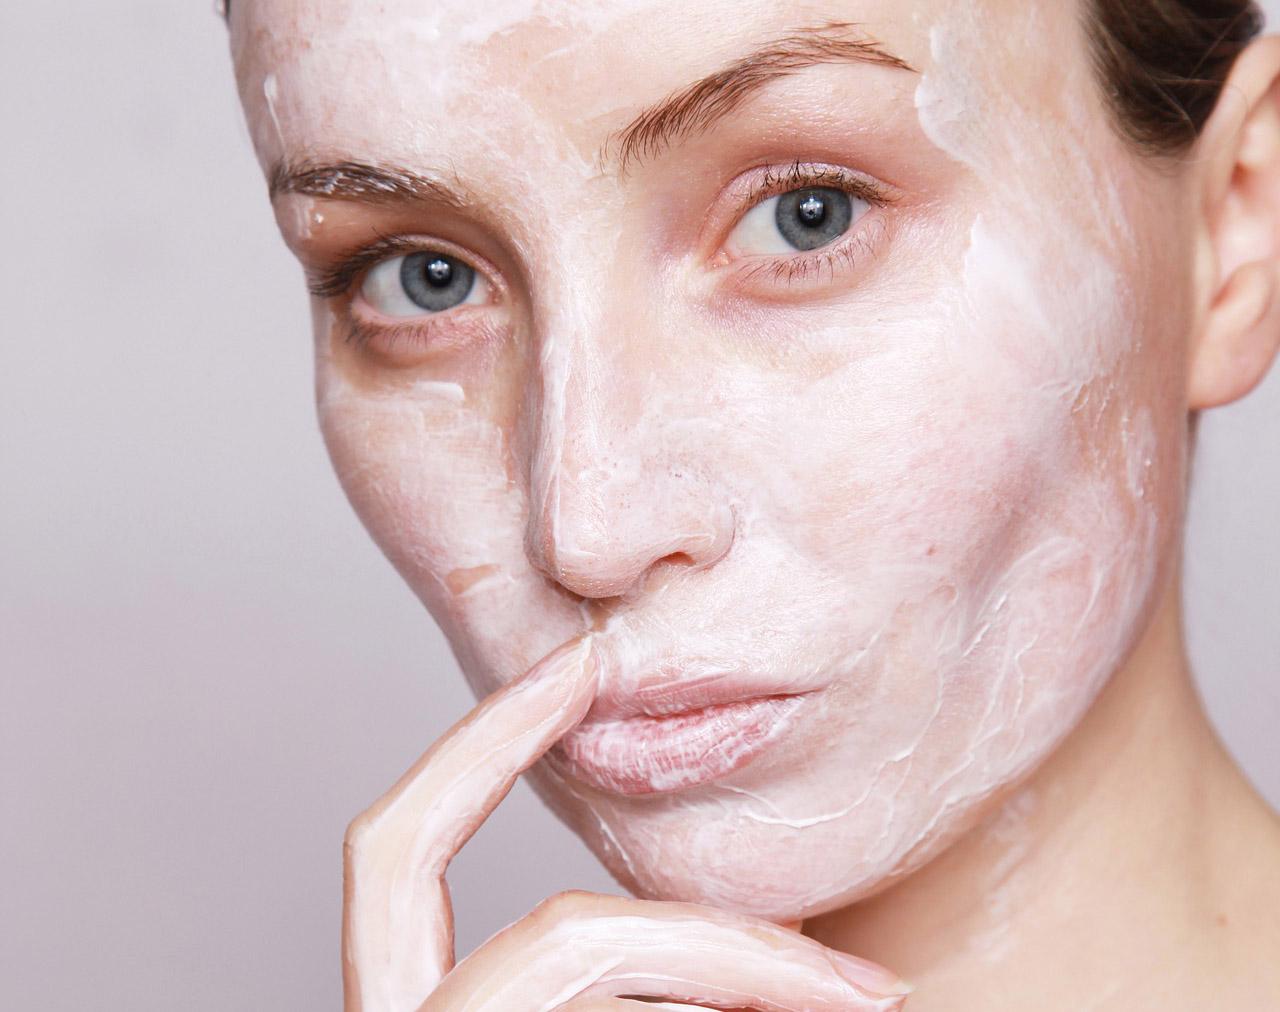 Exfoliate dead skin regularly